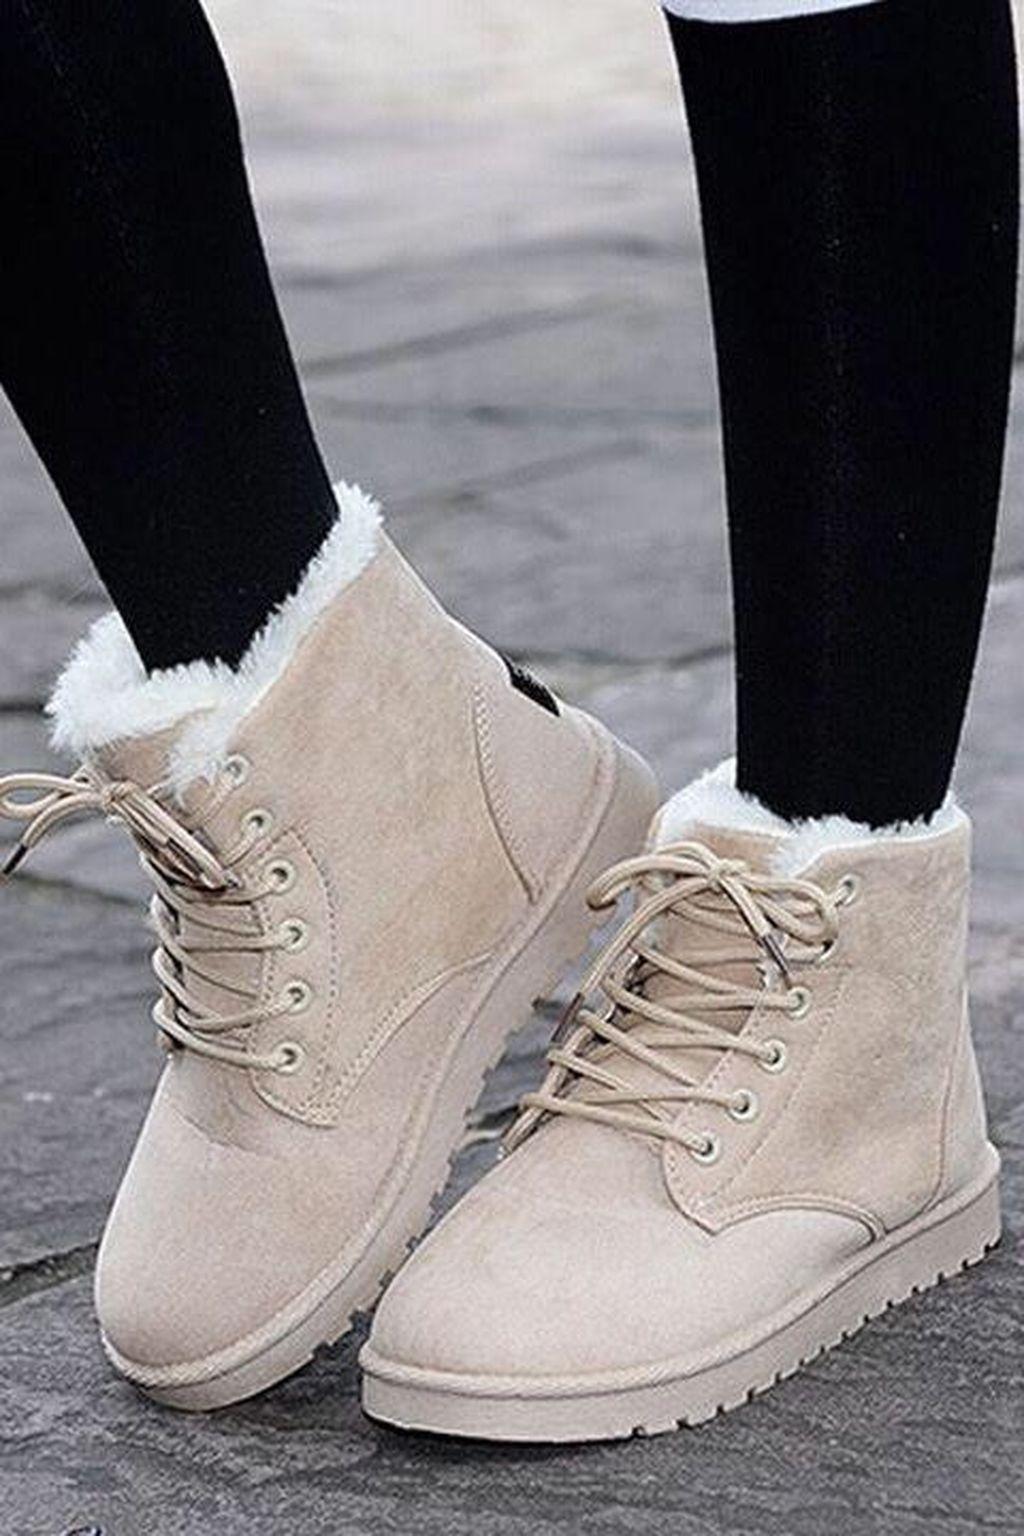 Winter boots women, Timberland boots